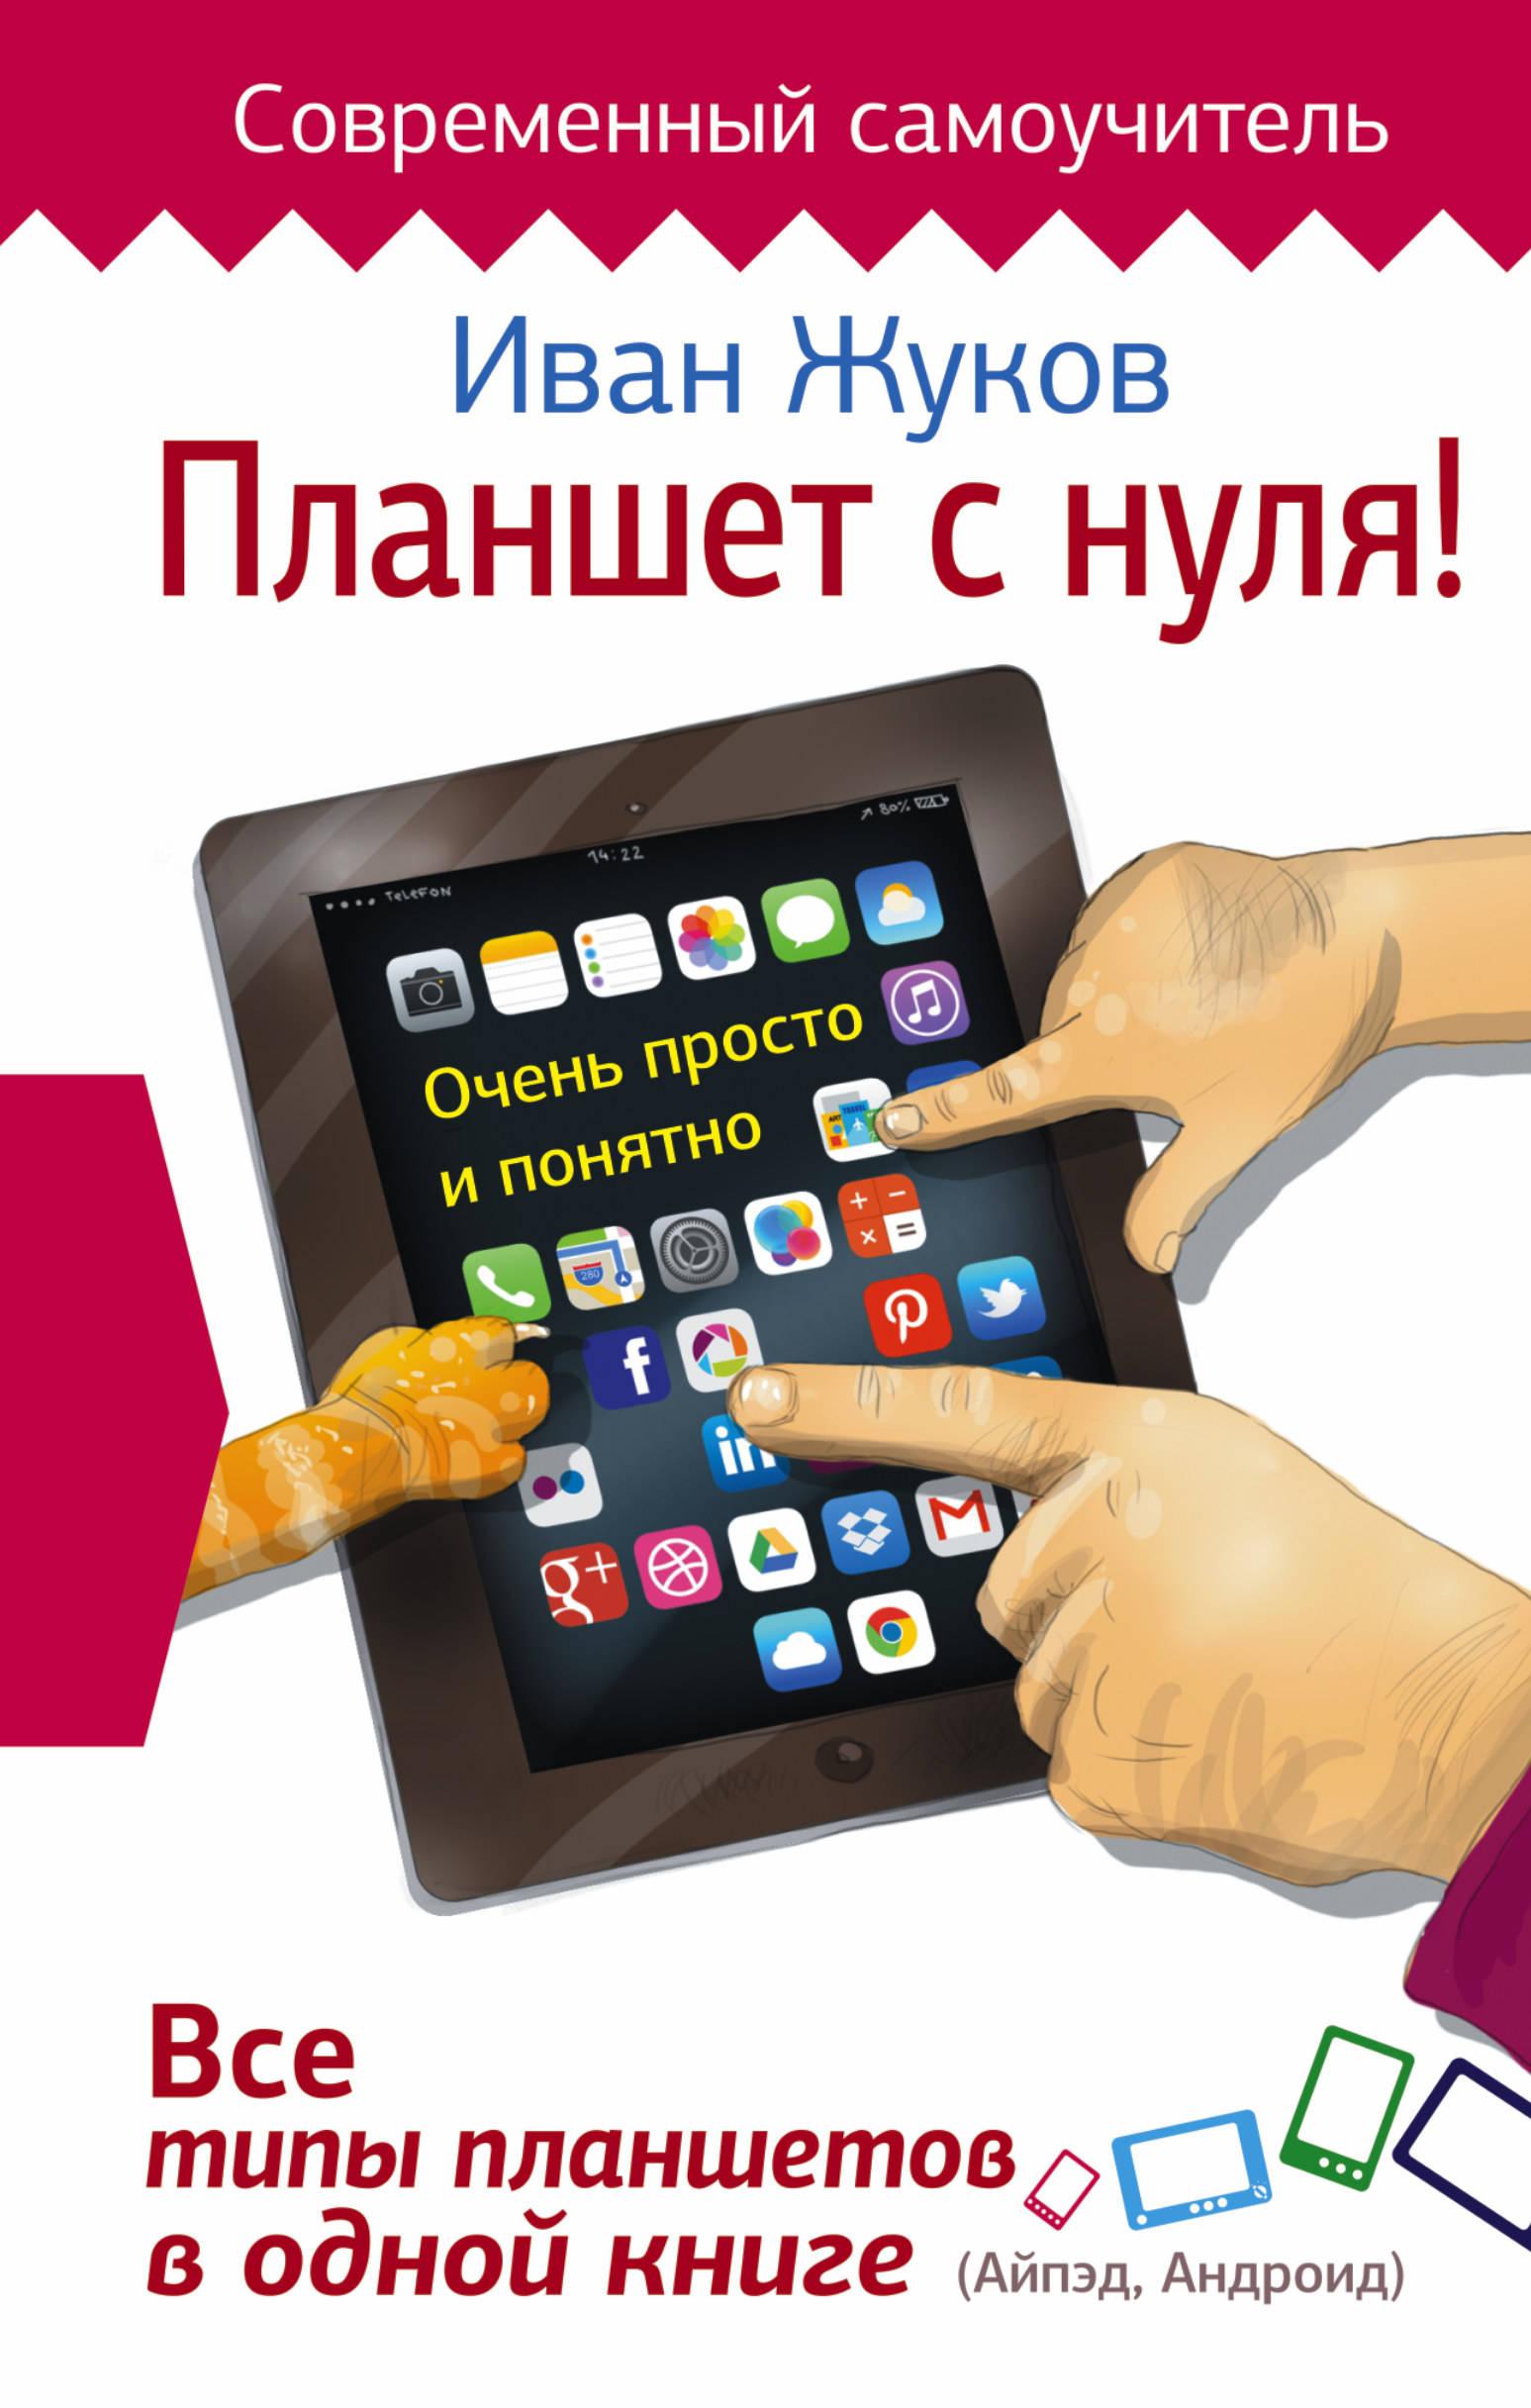 Жуков Иван Планшет с нуля! Все типы планшетов в одной книге (Айпед и Андроид) жуков иван планшет с нуля все типы планшетов в одной книге айпэд и андроид